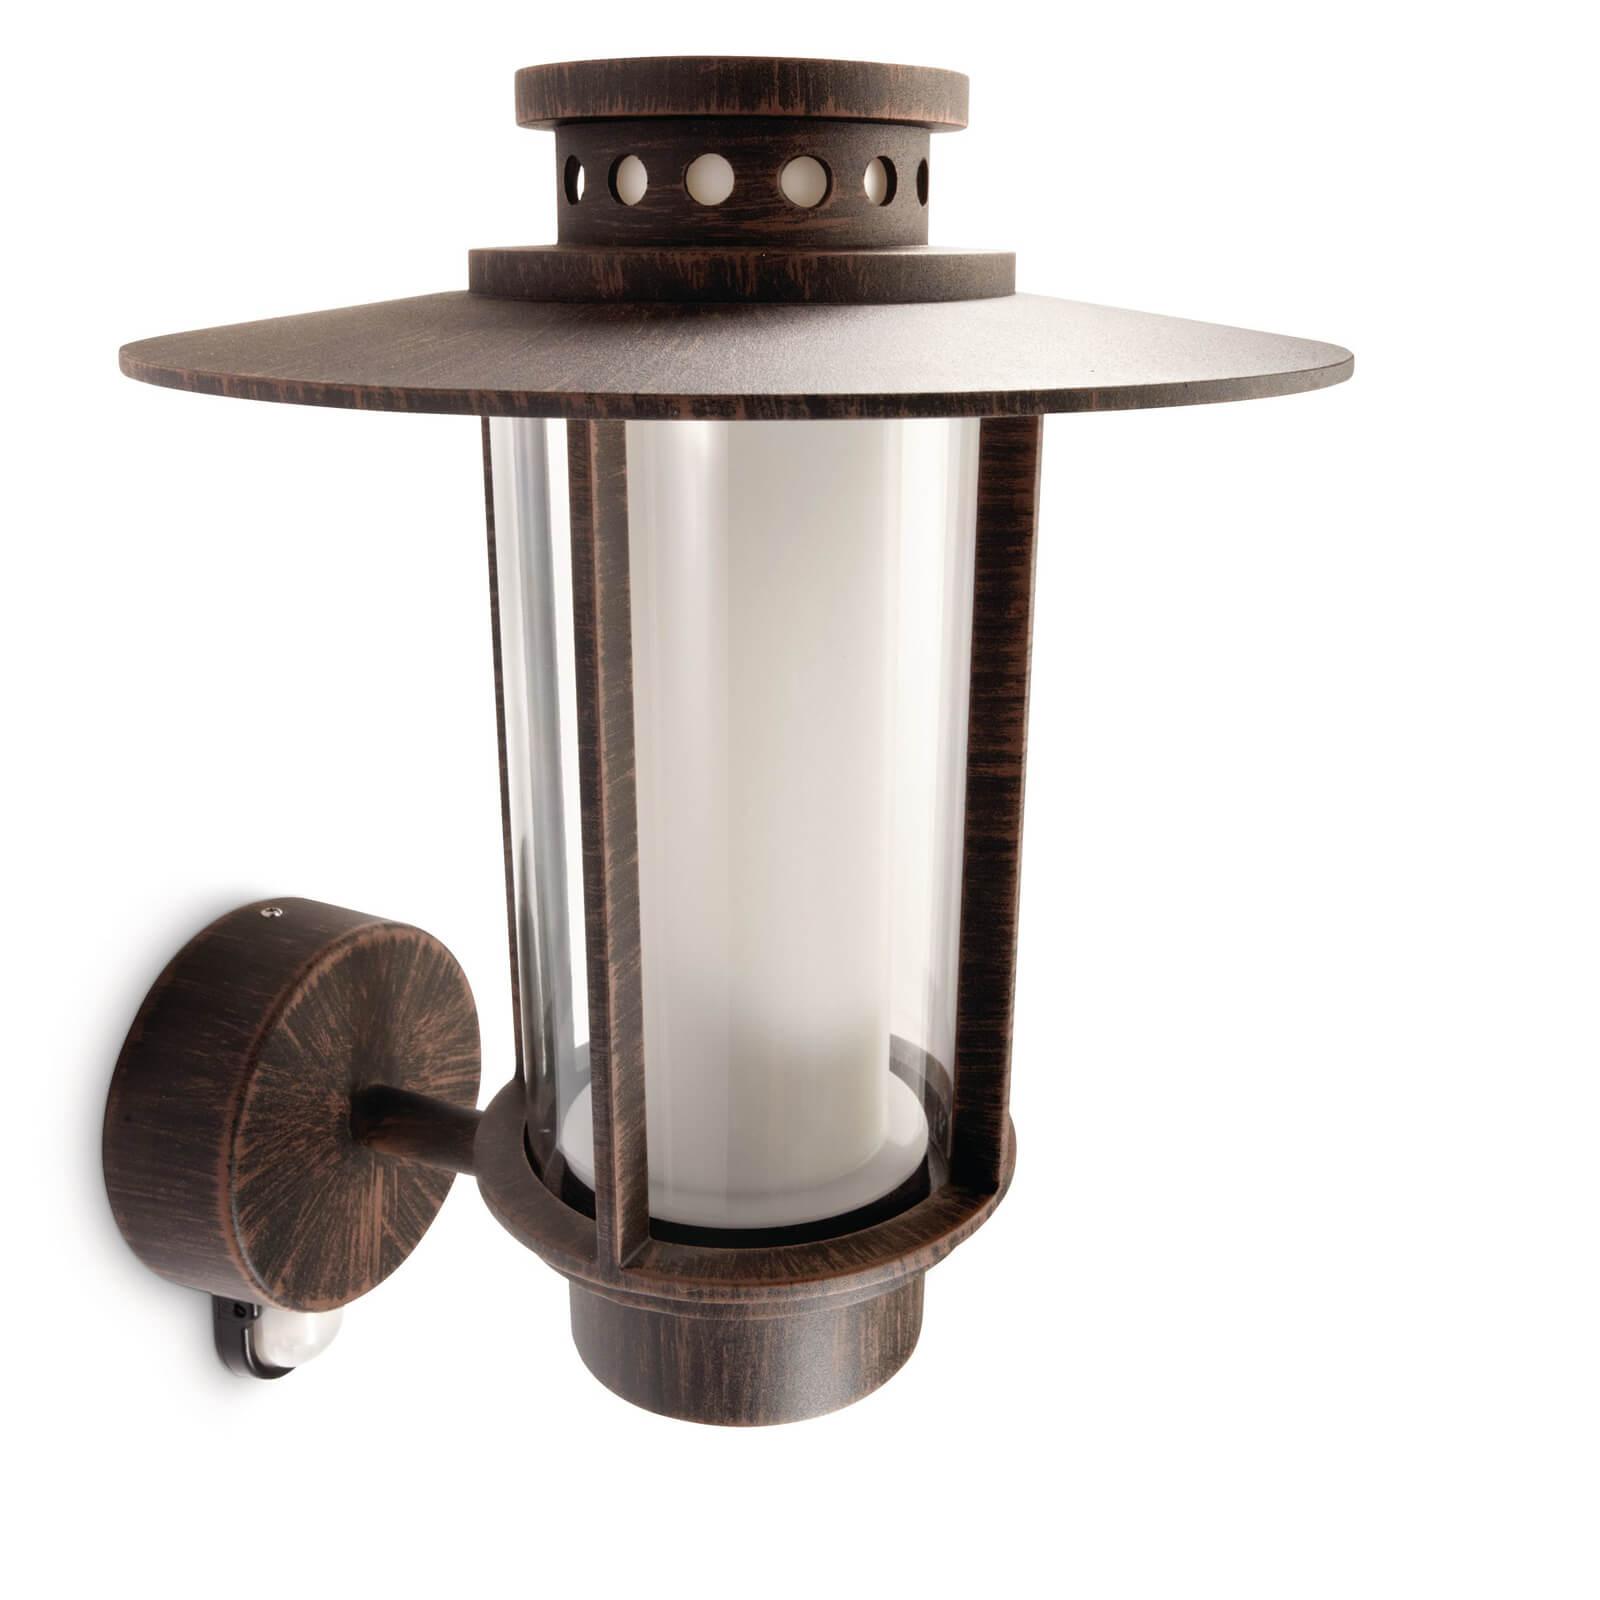 philips mygarden origin wandlamp bruin bewegingssensor. Black Bedroom Furniture Sets. Home Design Ideas